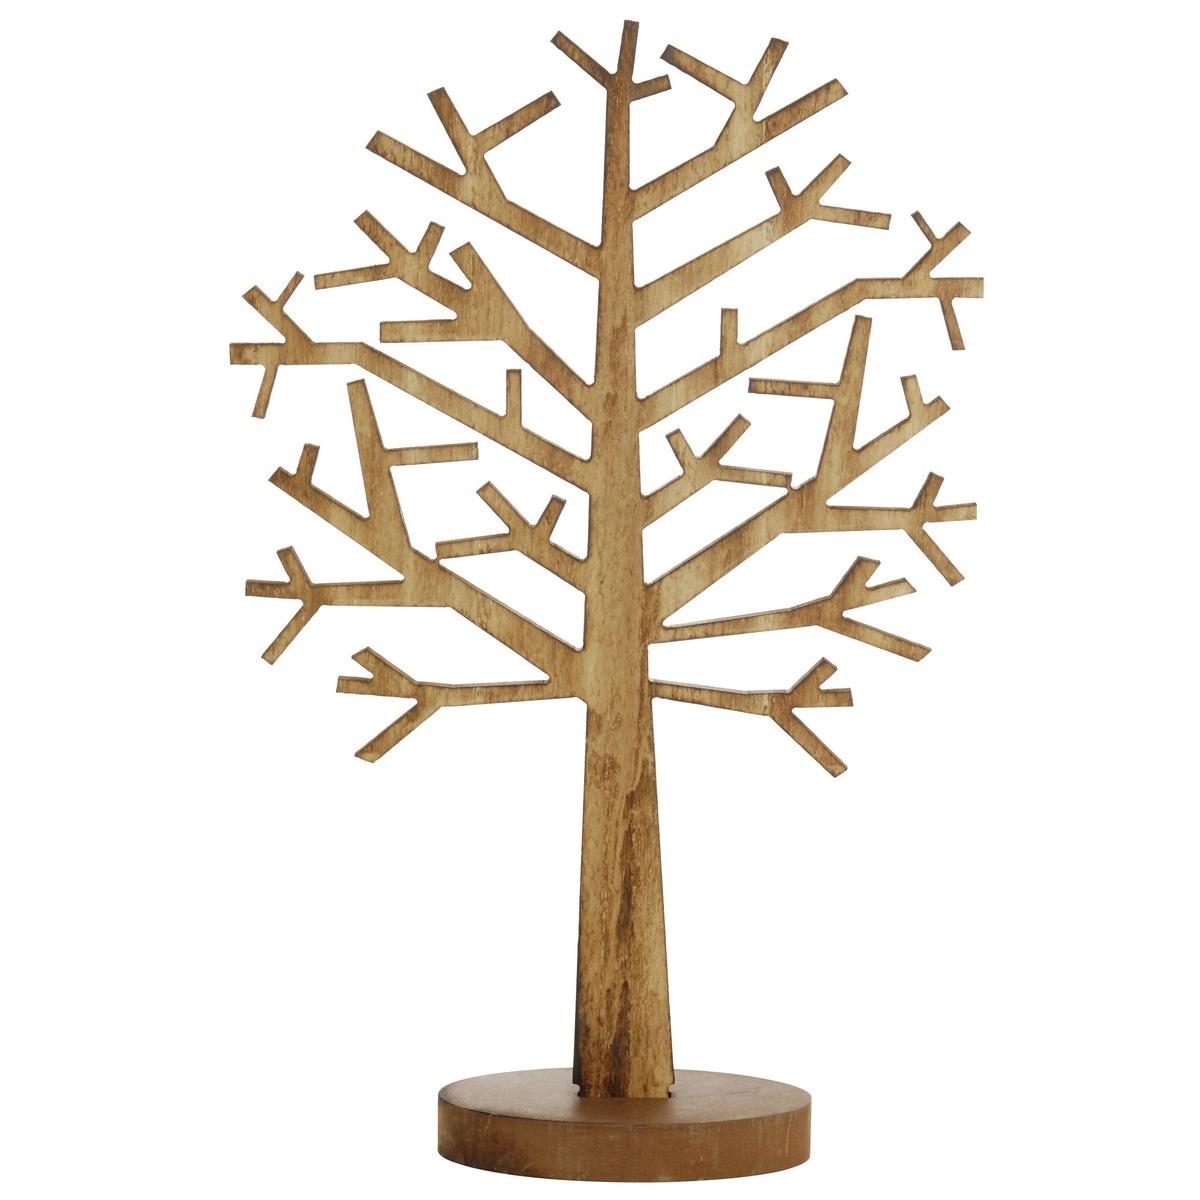 Dřevěná dekorace Bare tree, 47,5 cm